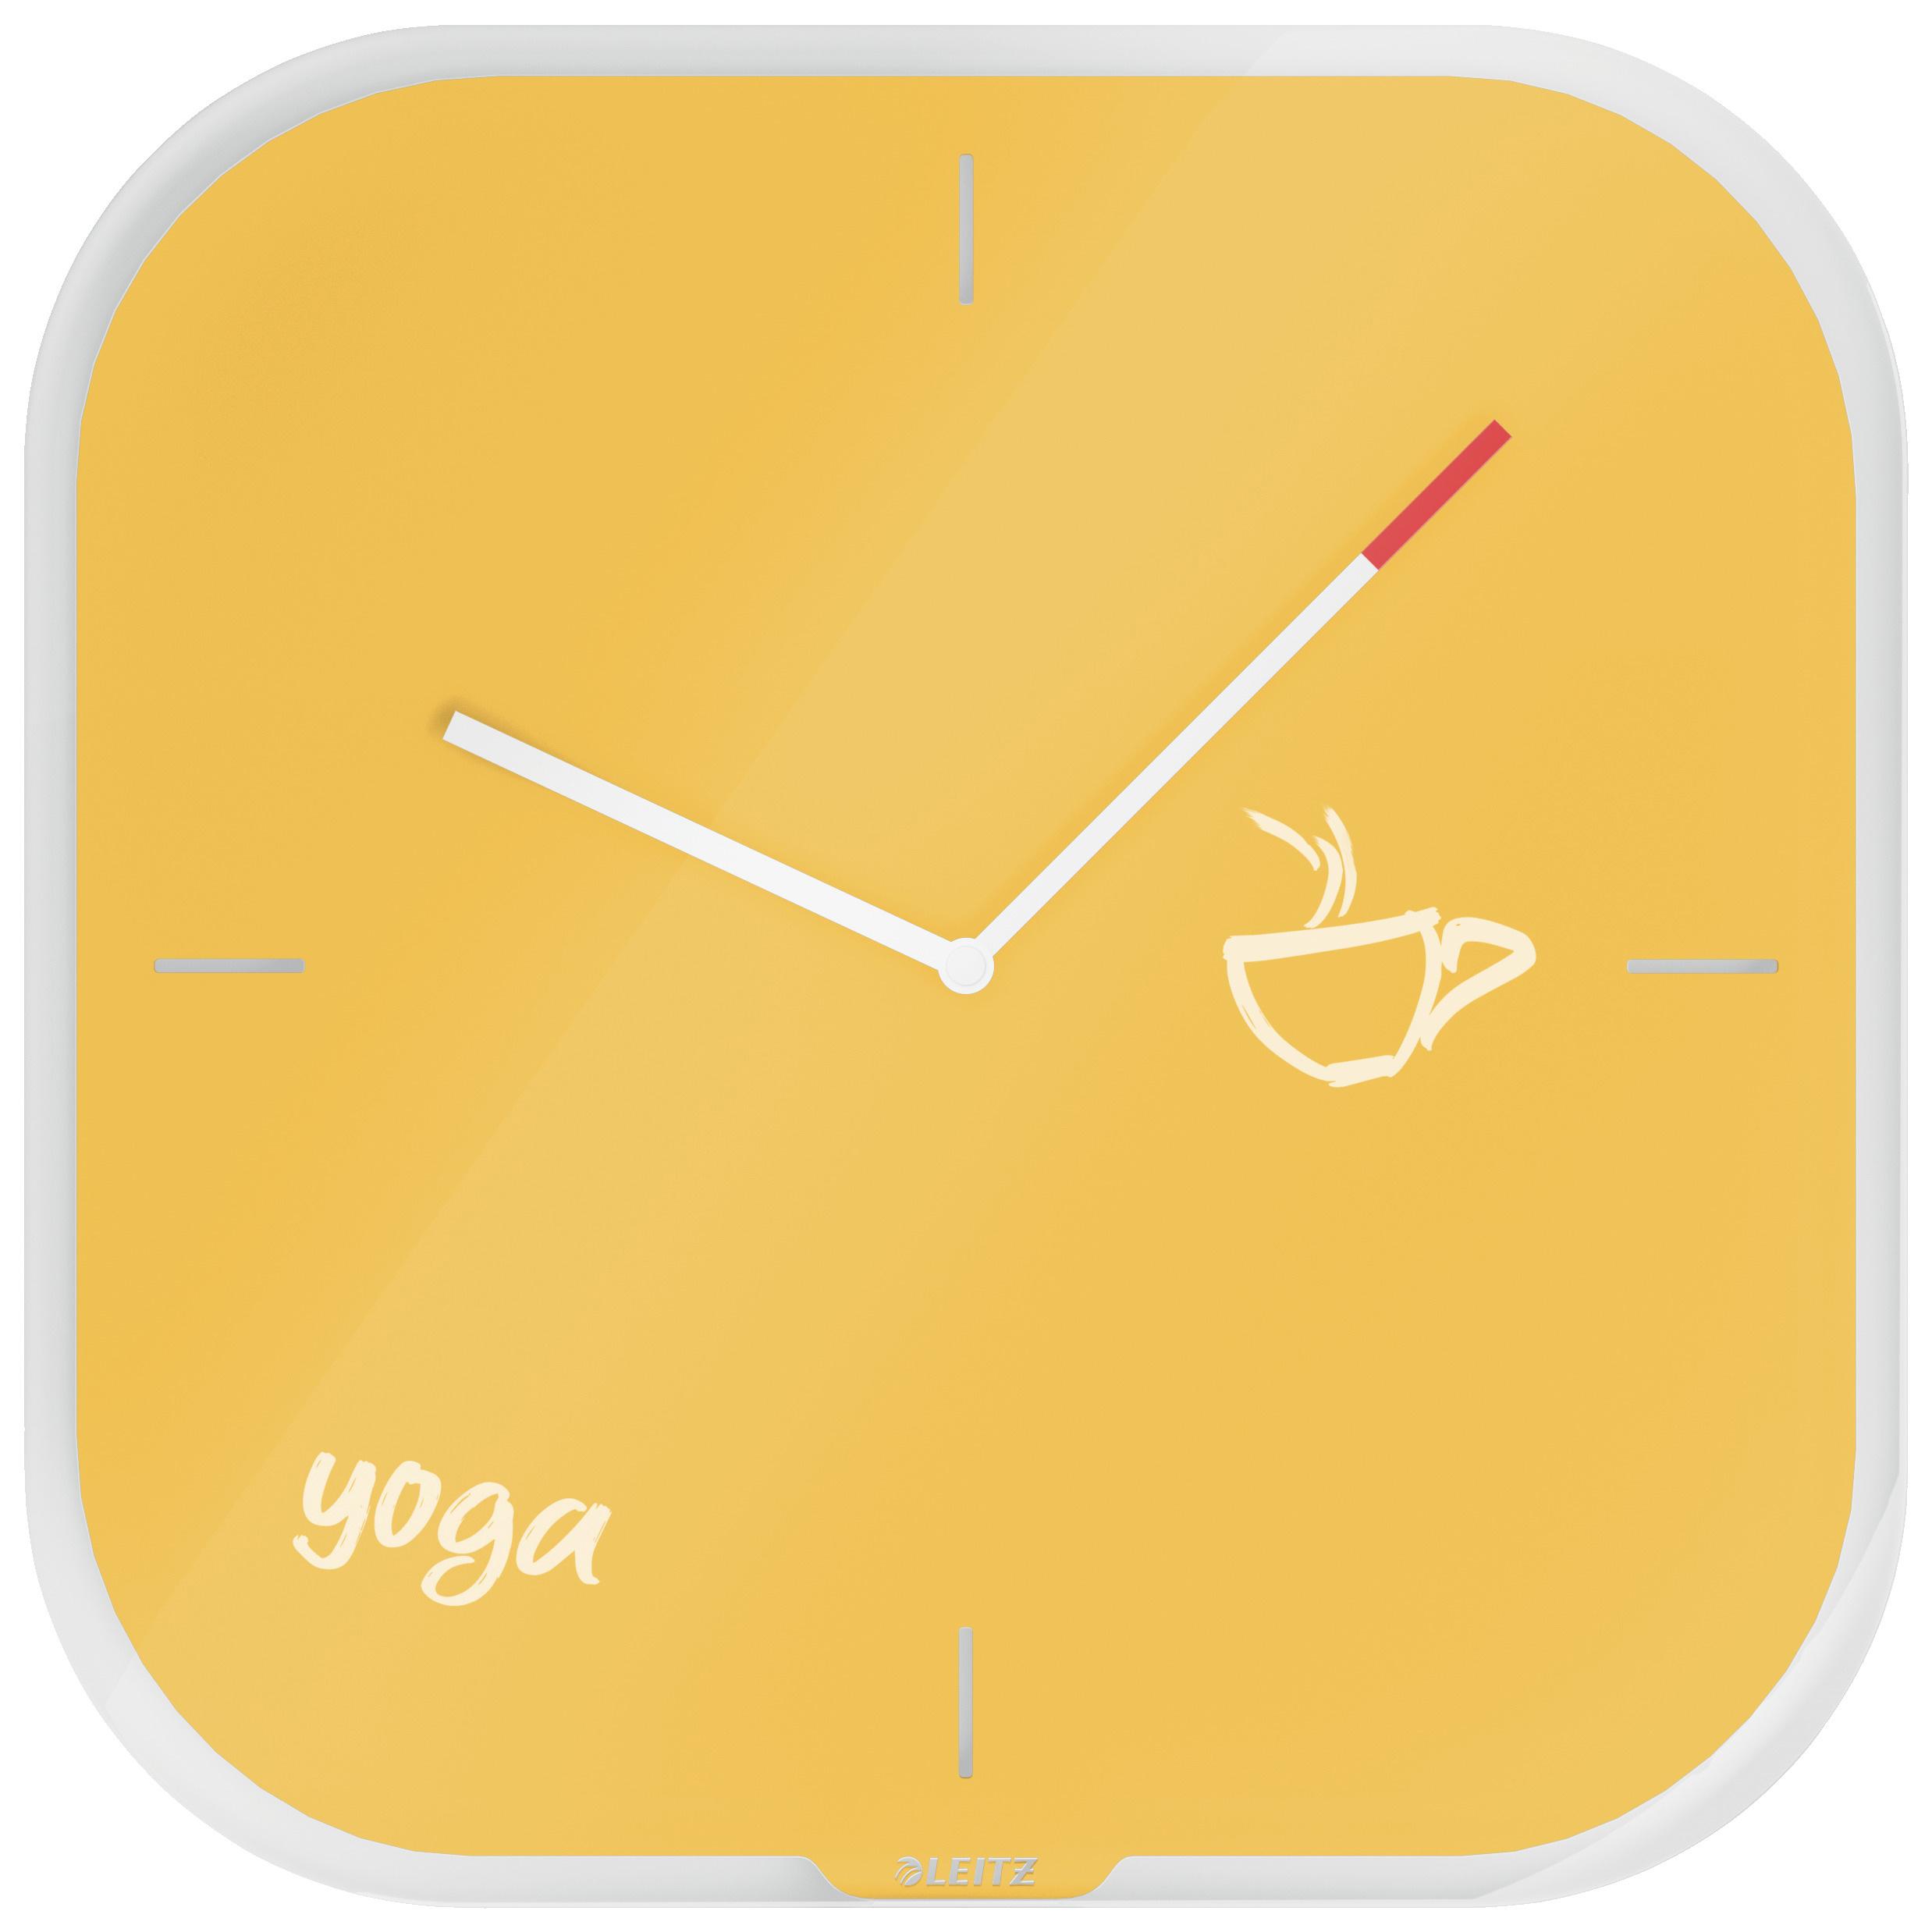 Часы настенные Cosy, квадратные, стекло, желт. LEITZ - фото 5